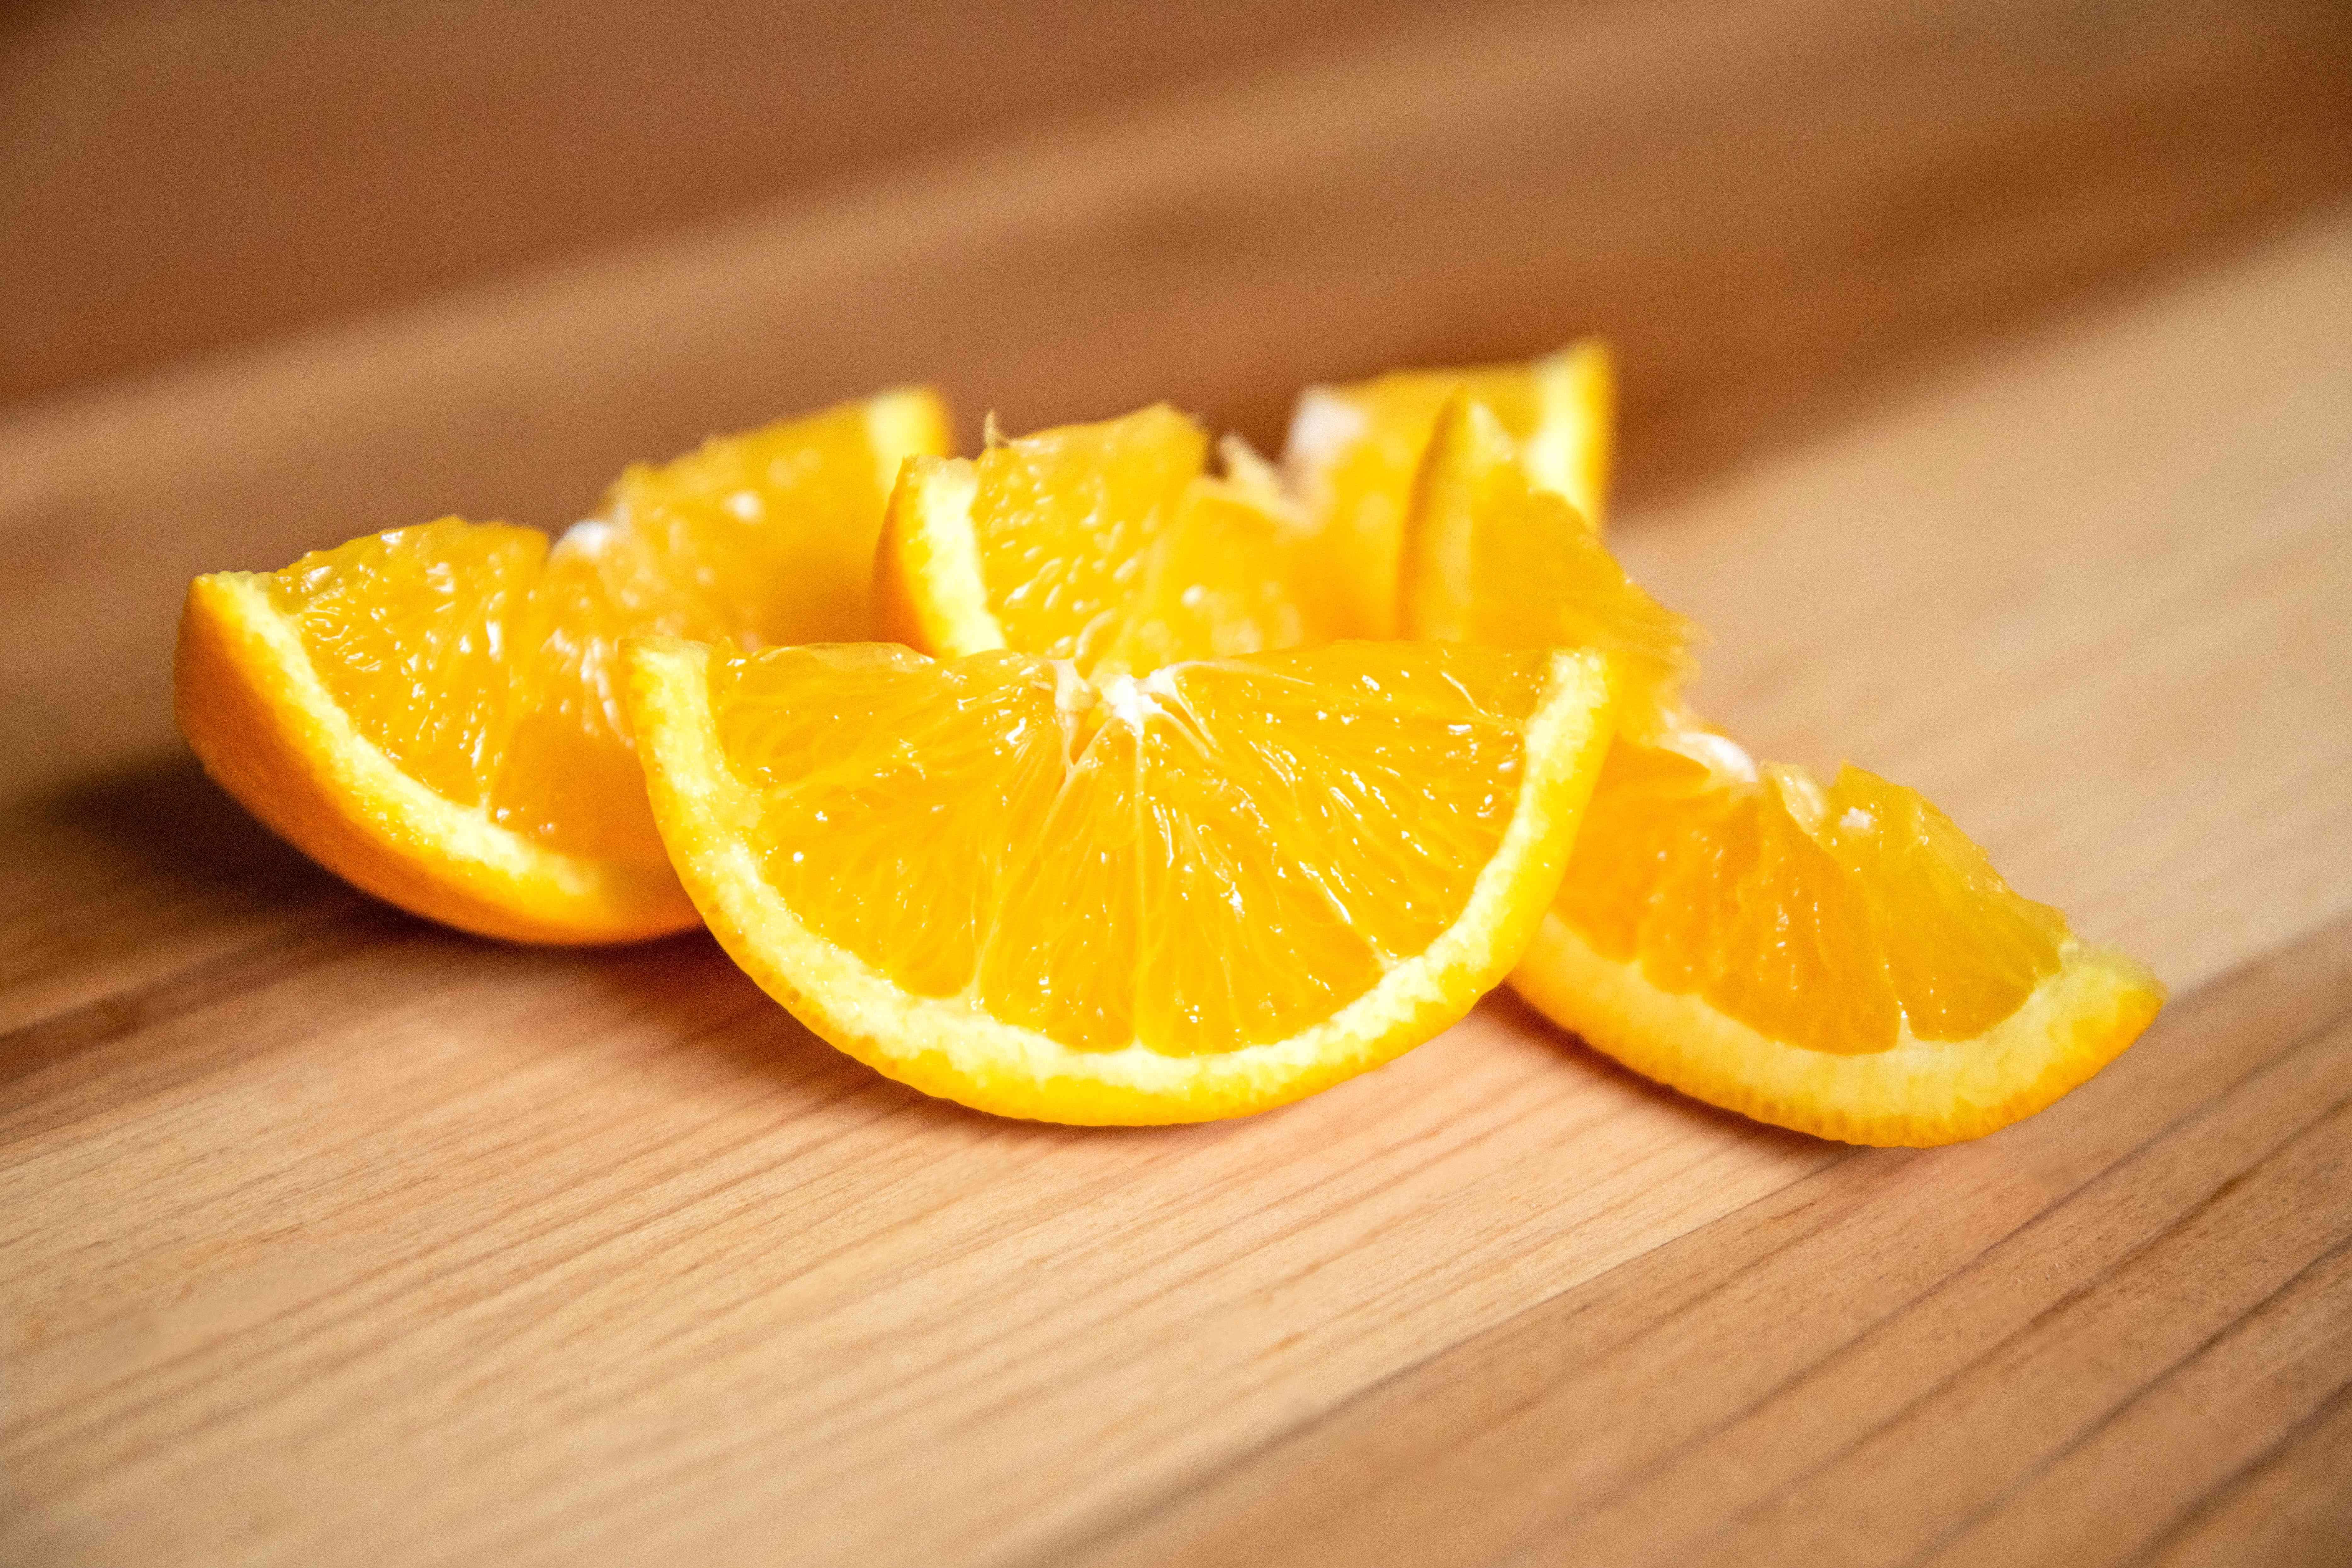 Orange slices closeup